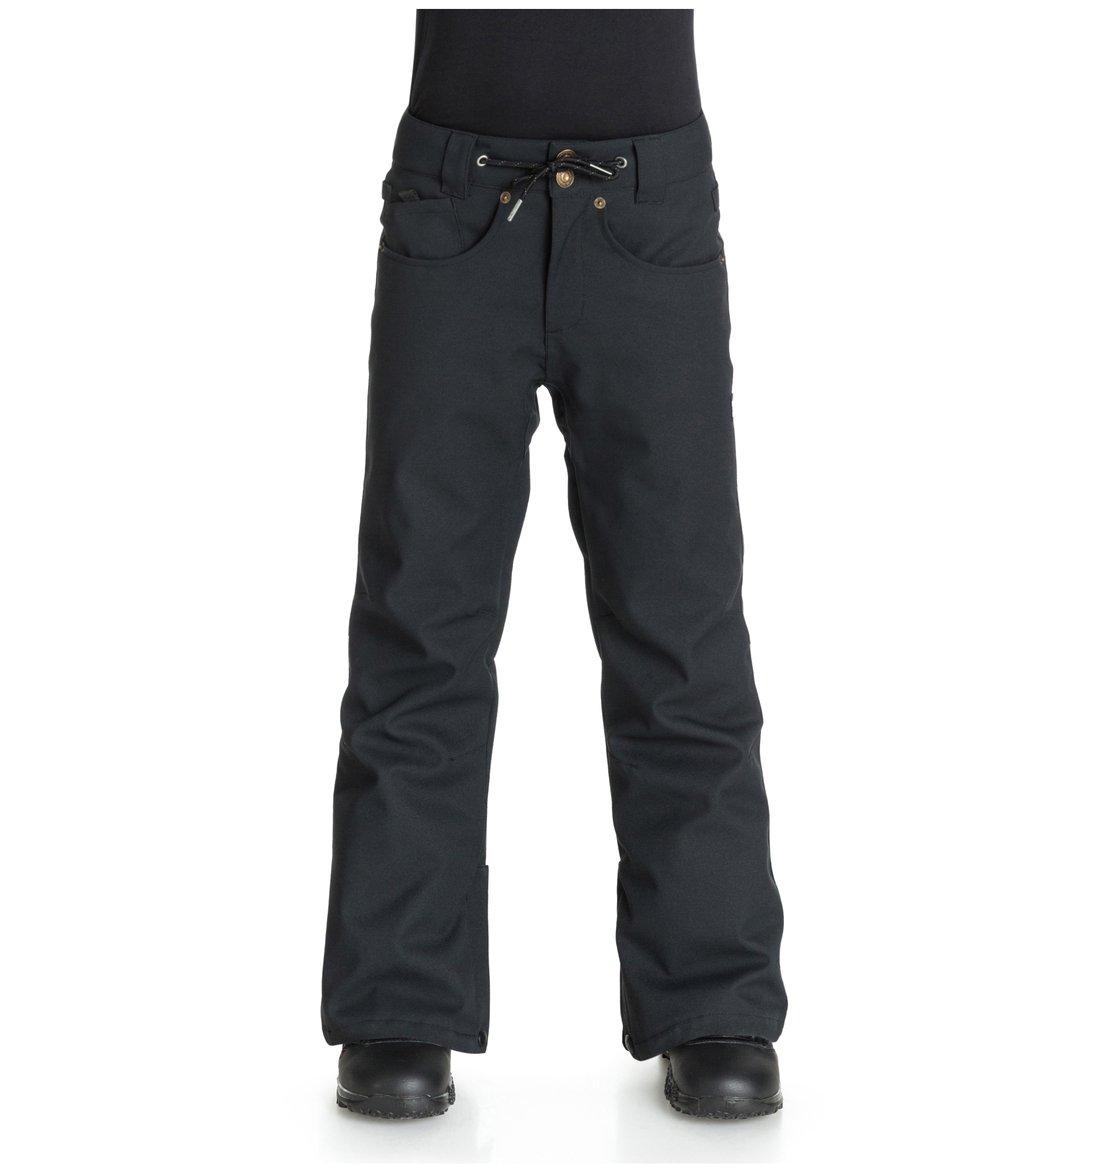 RelayСноубордические штаны Relay для мальчиков из сноубордической коллекции DC Shoes. ХАРАКТЕРИСТИКИ: критические швы проклеены, вентиляция штанин с сеточной подкладкой, гейтеры штанин с подбивкой из тафты, вшитая регулировка талии с джинсовой отделкой, края штанин на кнопке. СОСТАВ: 100% полиэстер.<br>